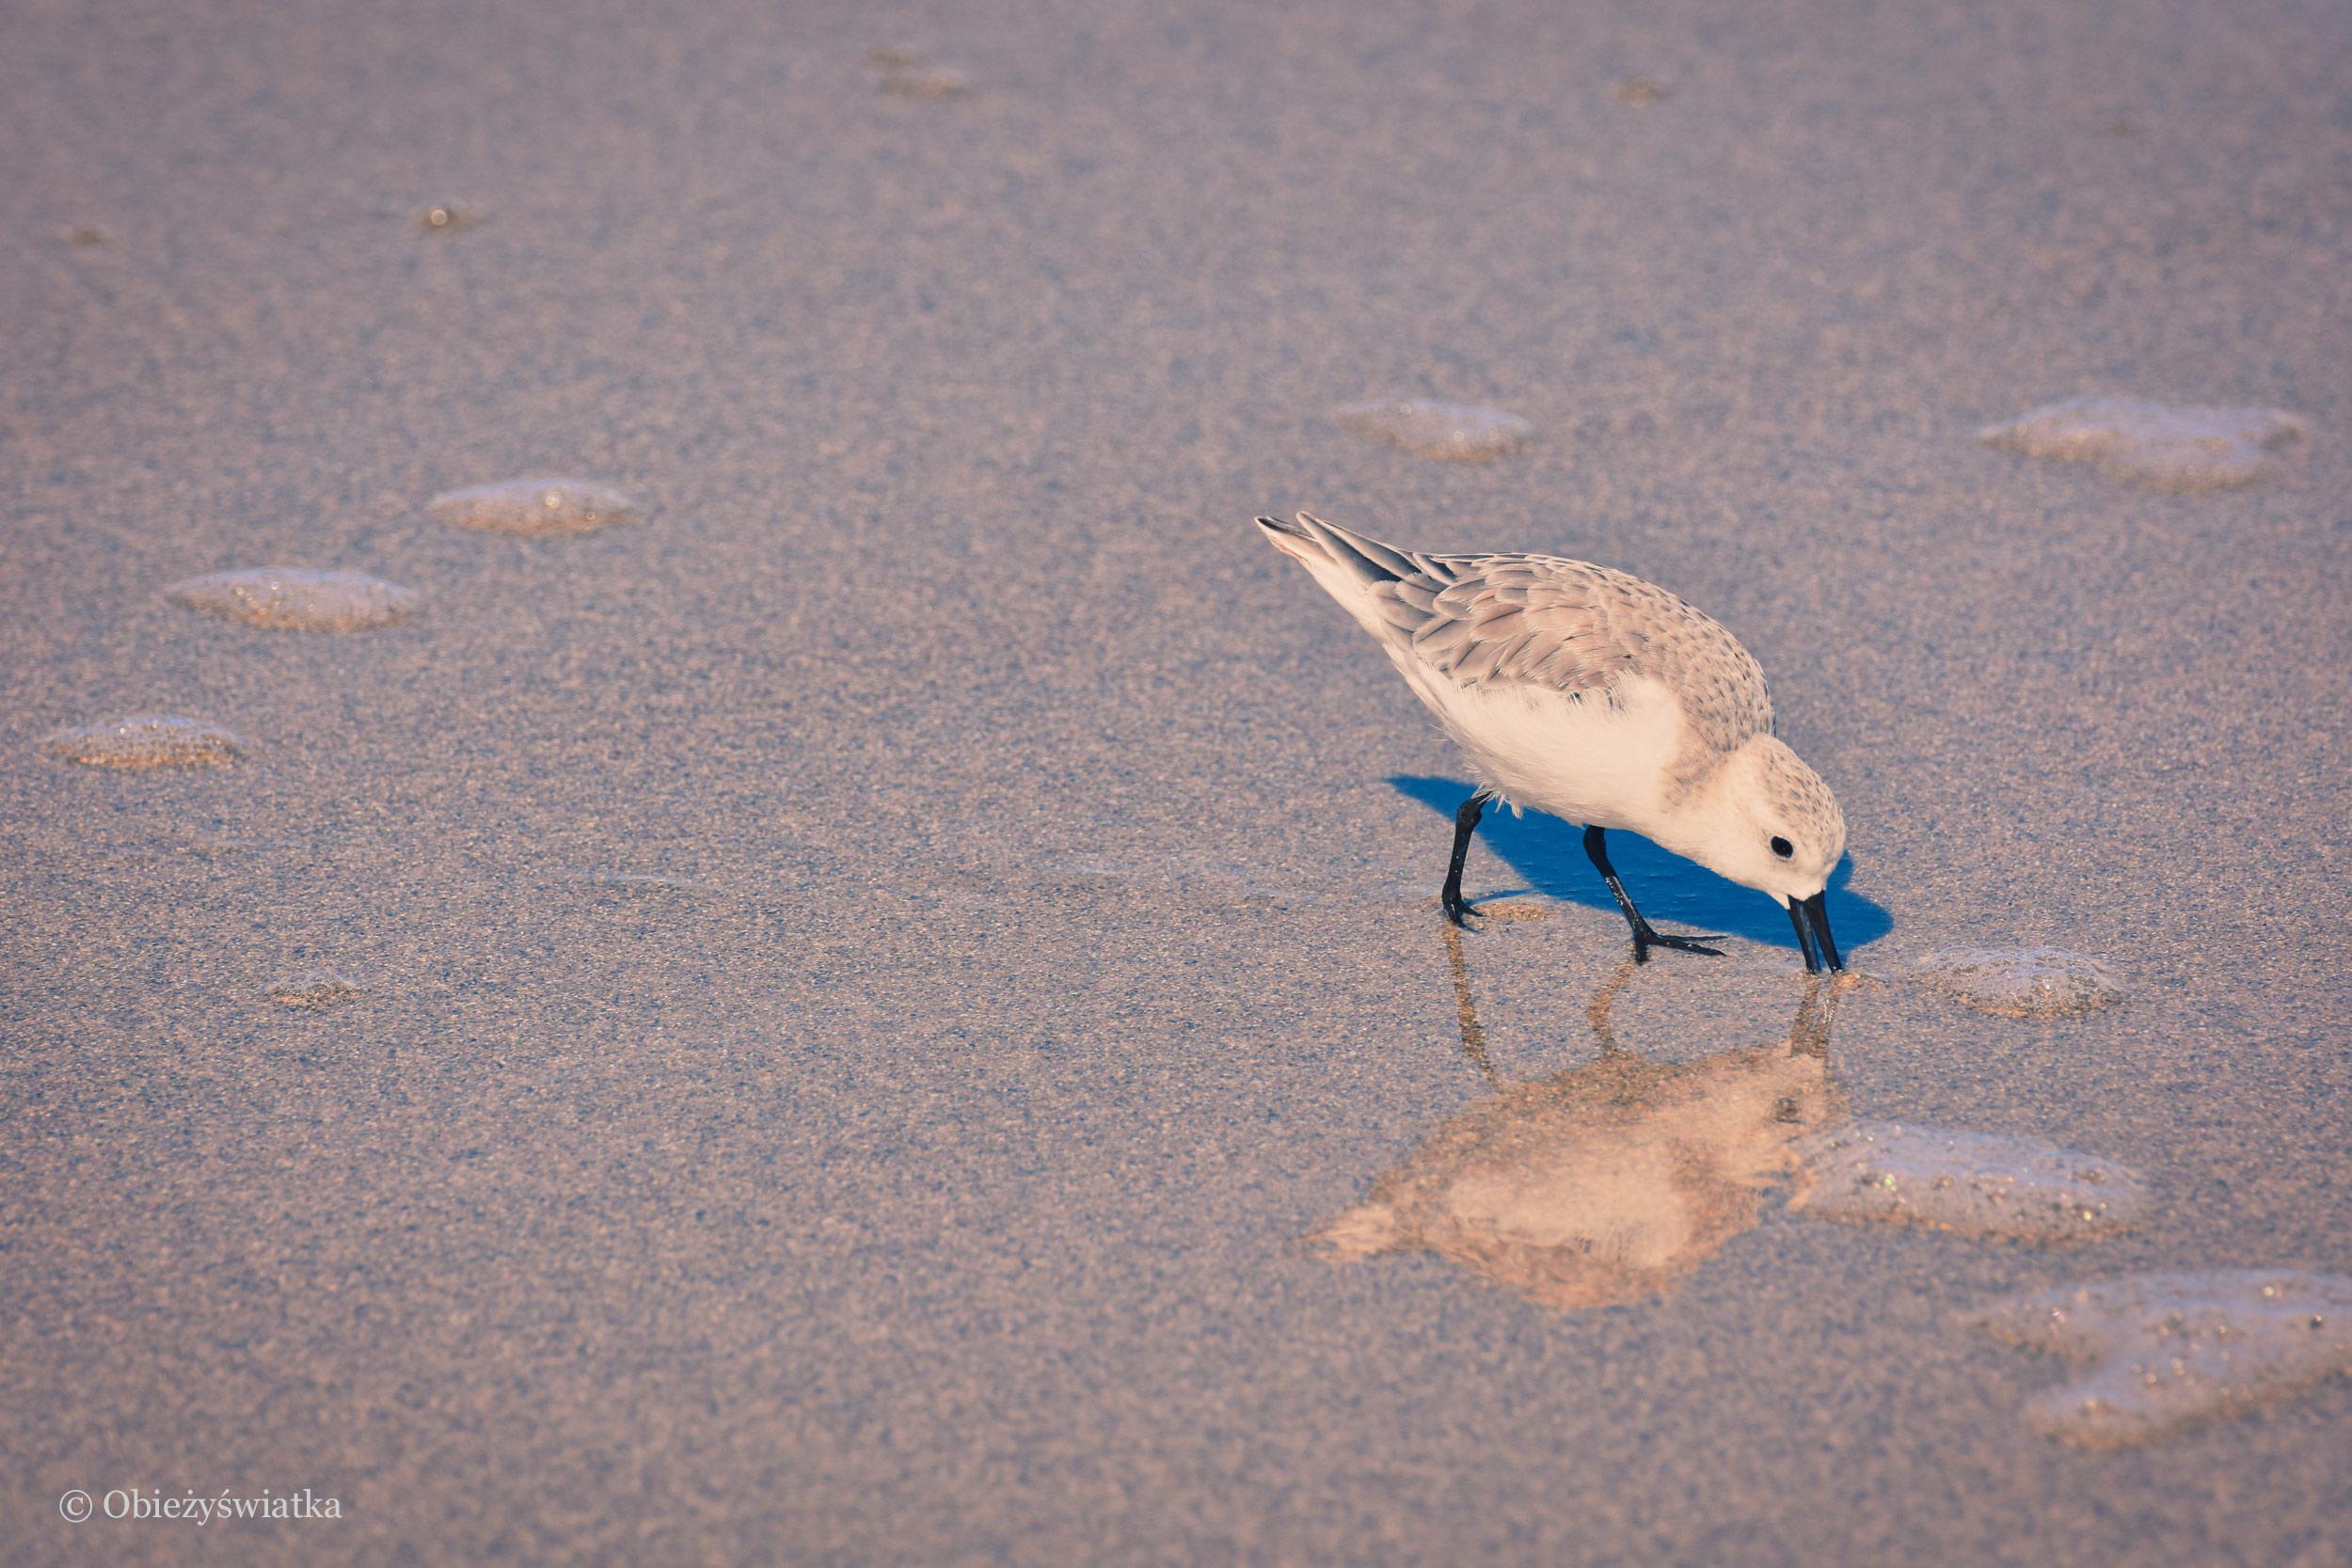 Cocoa Beach, W poszukiwaniu pożywienia